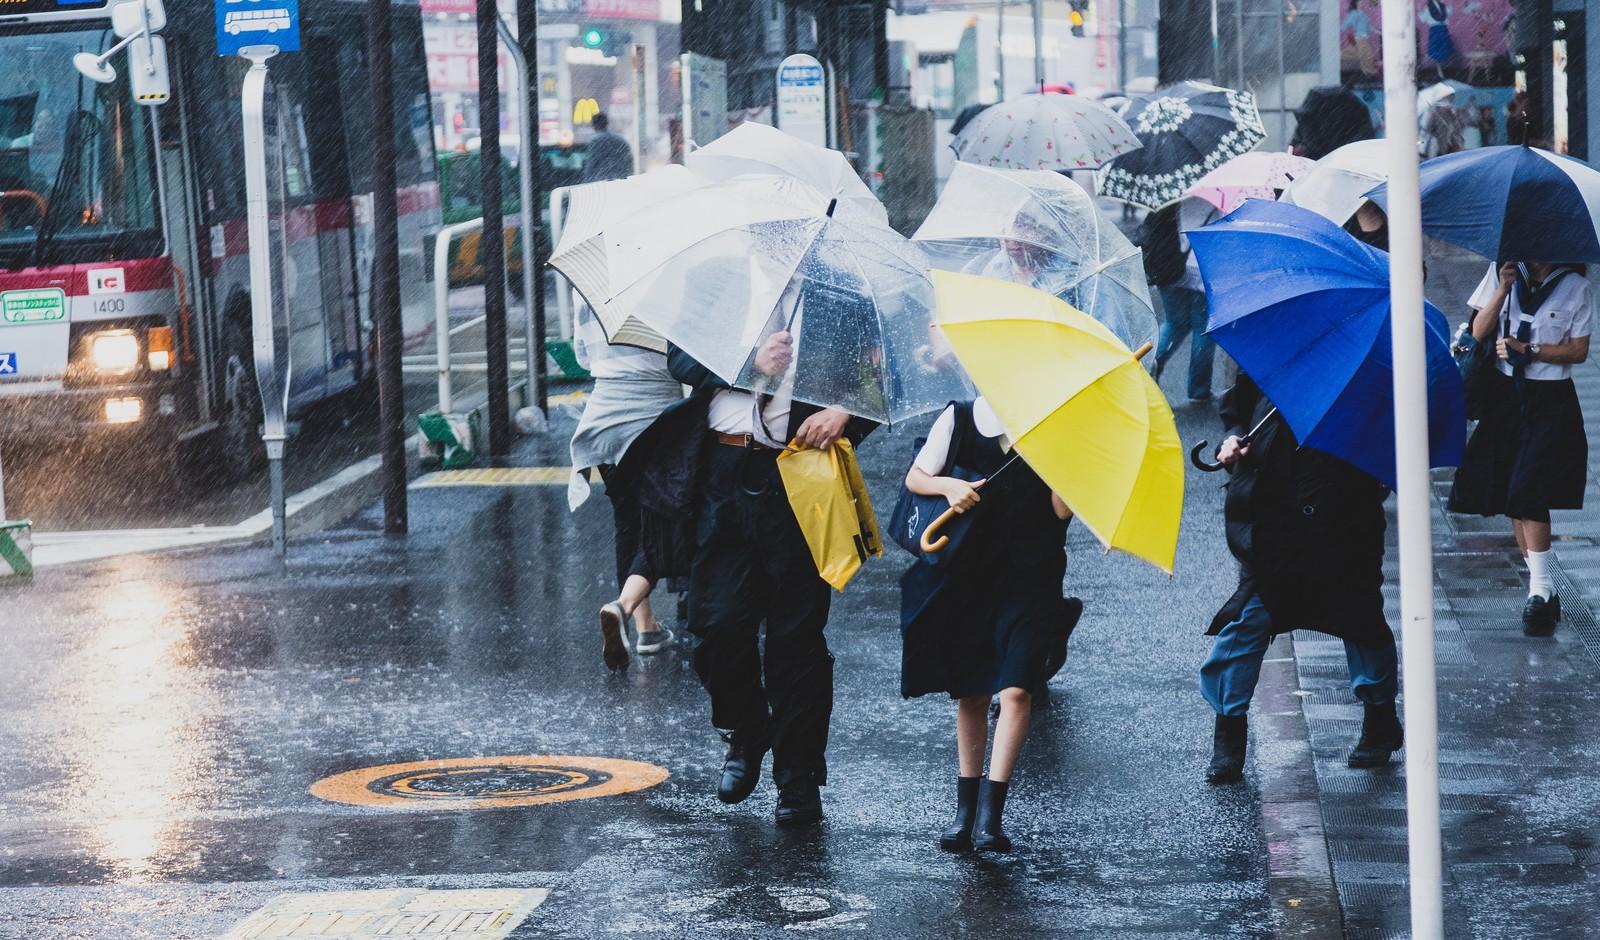 朝ドラ「おかえりモネ」物語後半の2019年大型台風のネタバレ